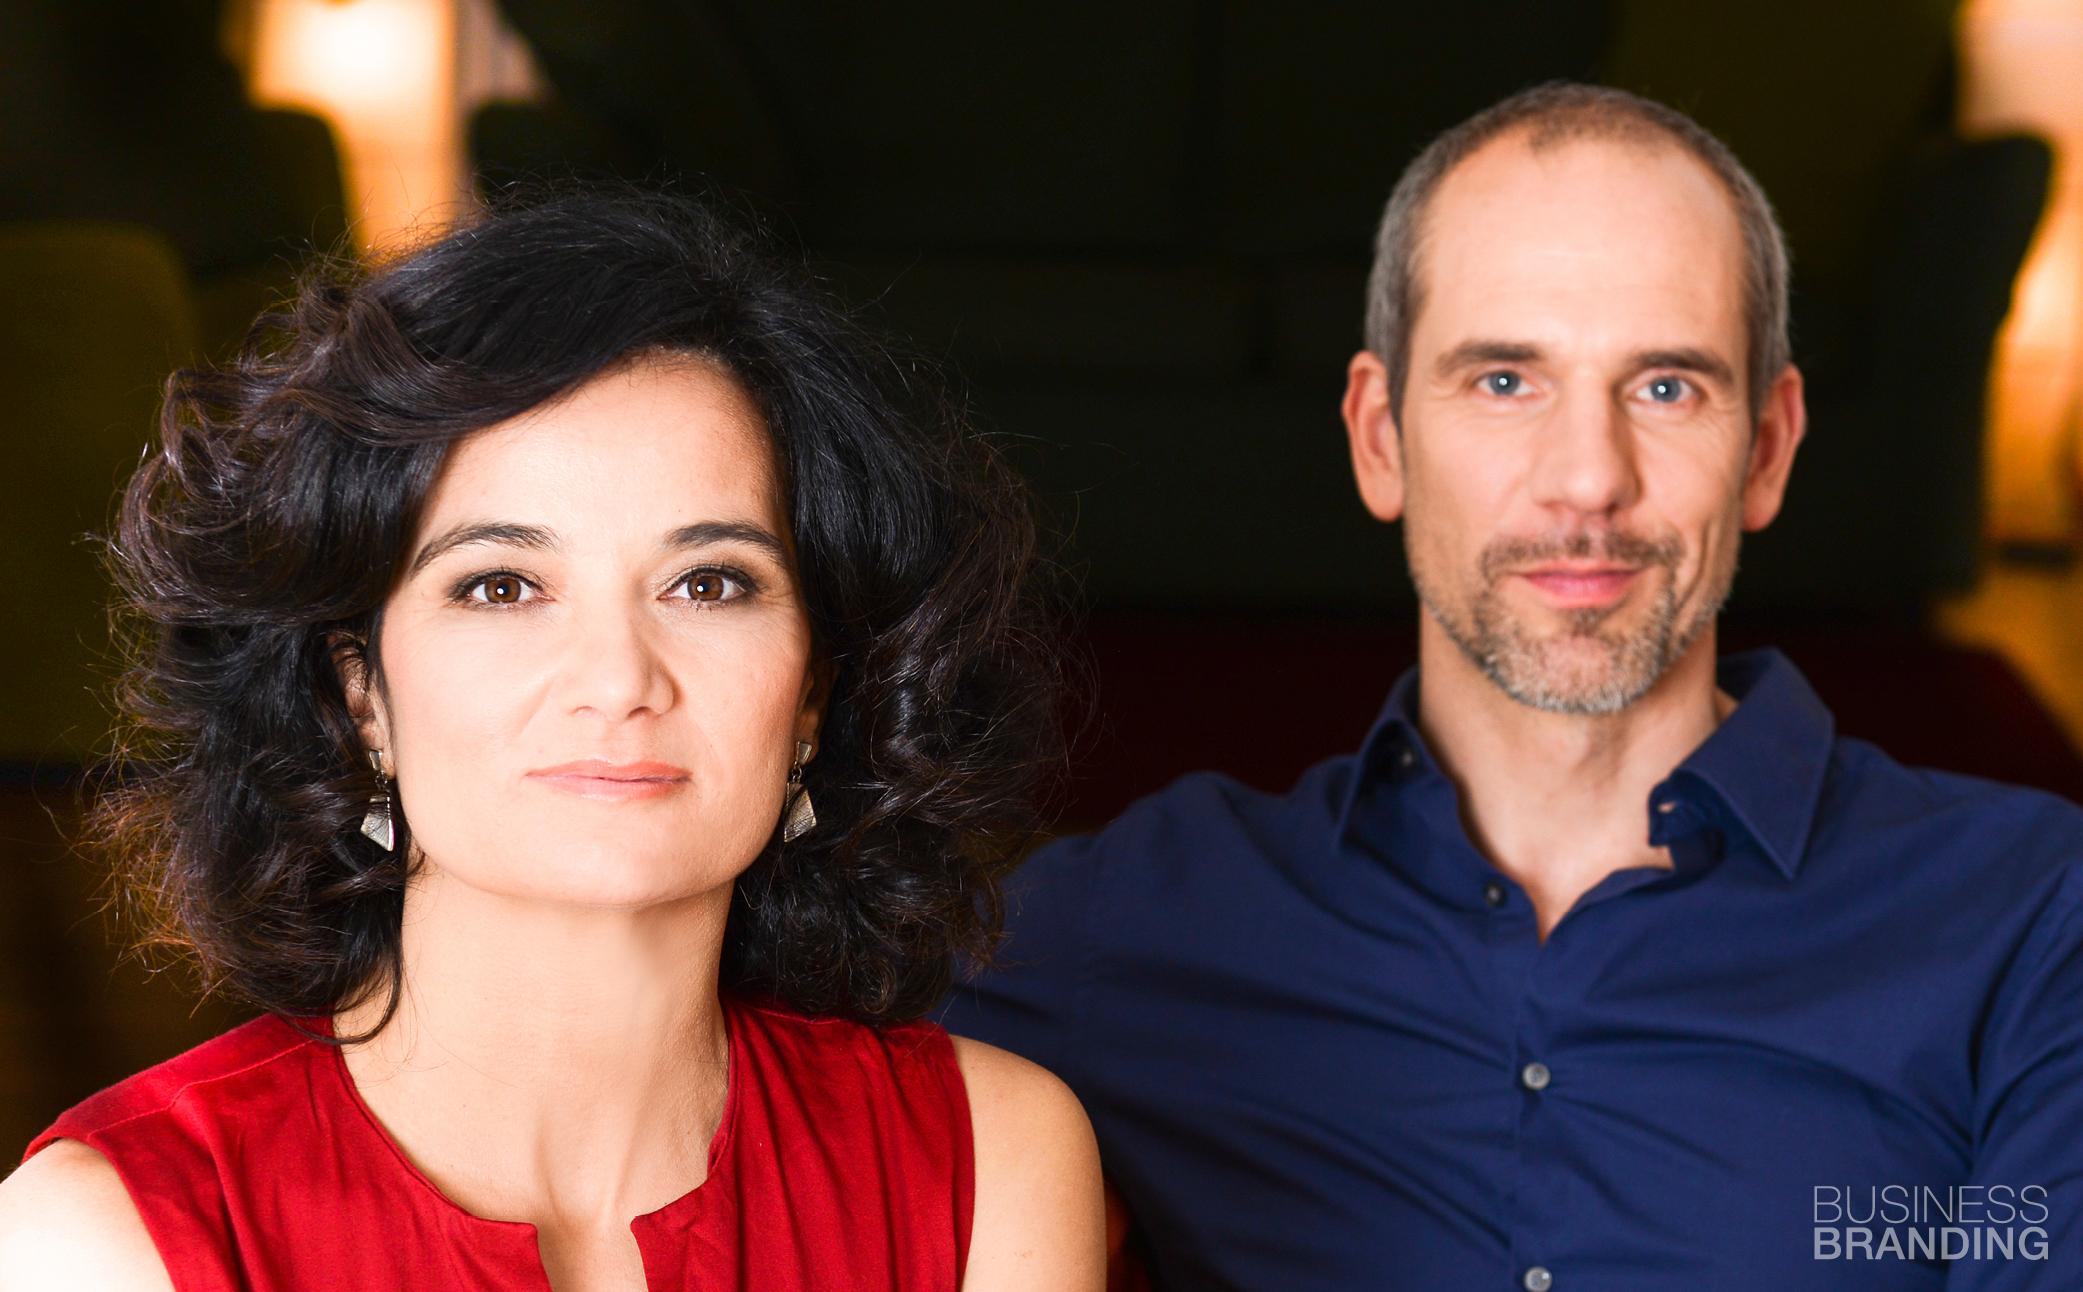 Hier sehen Sie ein erfolgreiches Paar - Business Portraits - Business Branding Fotograf Berlin